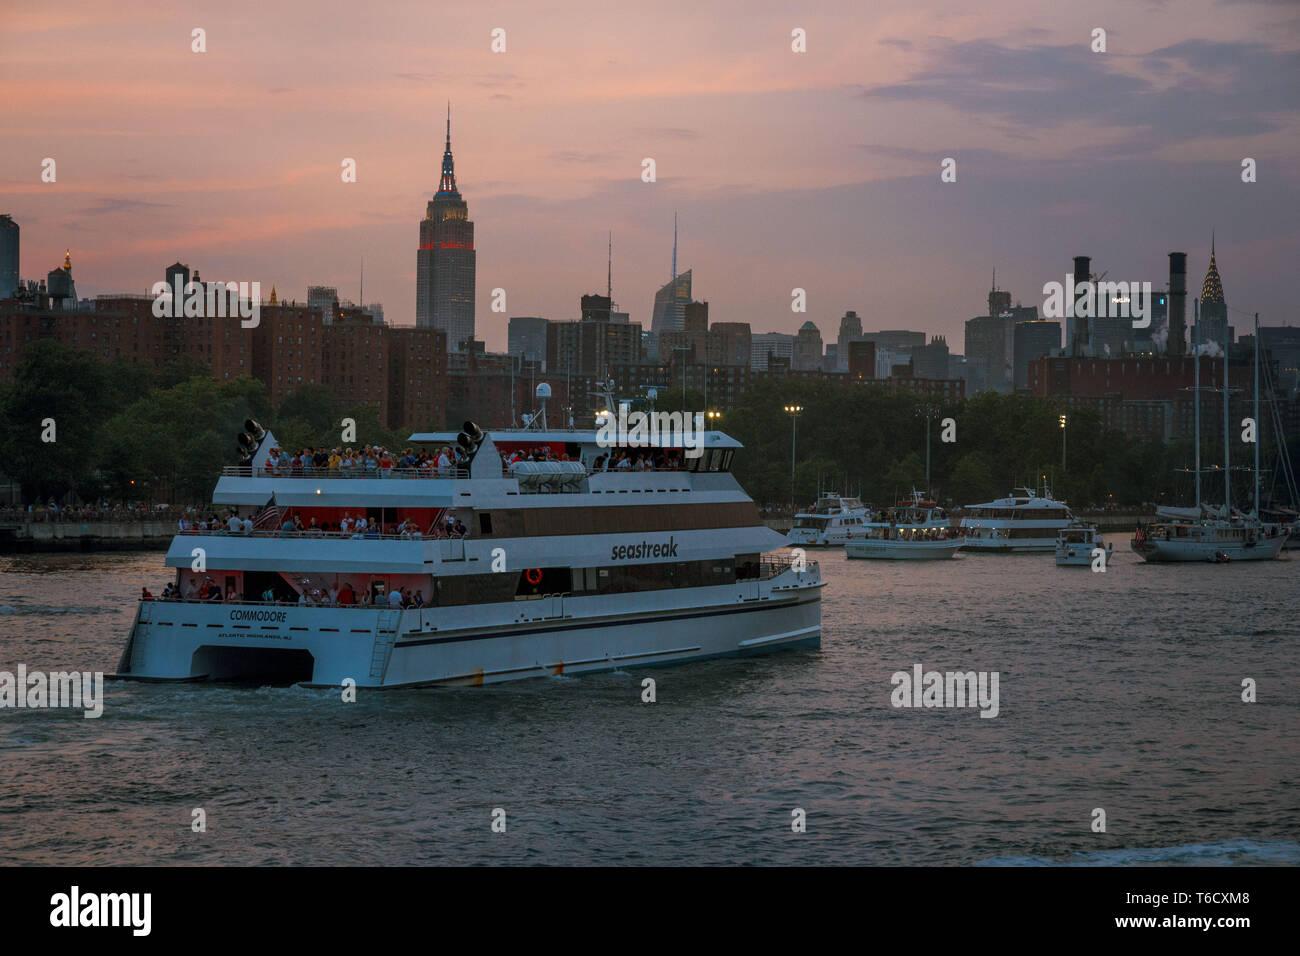 Sonnenuntergang und Boote auf dem East River unter der Brücke am 04.07.2018 zum Unabhängigkeitstag / Tramonto nave su East River sotto il ponte Foto Stock